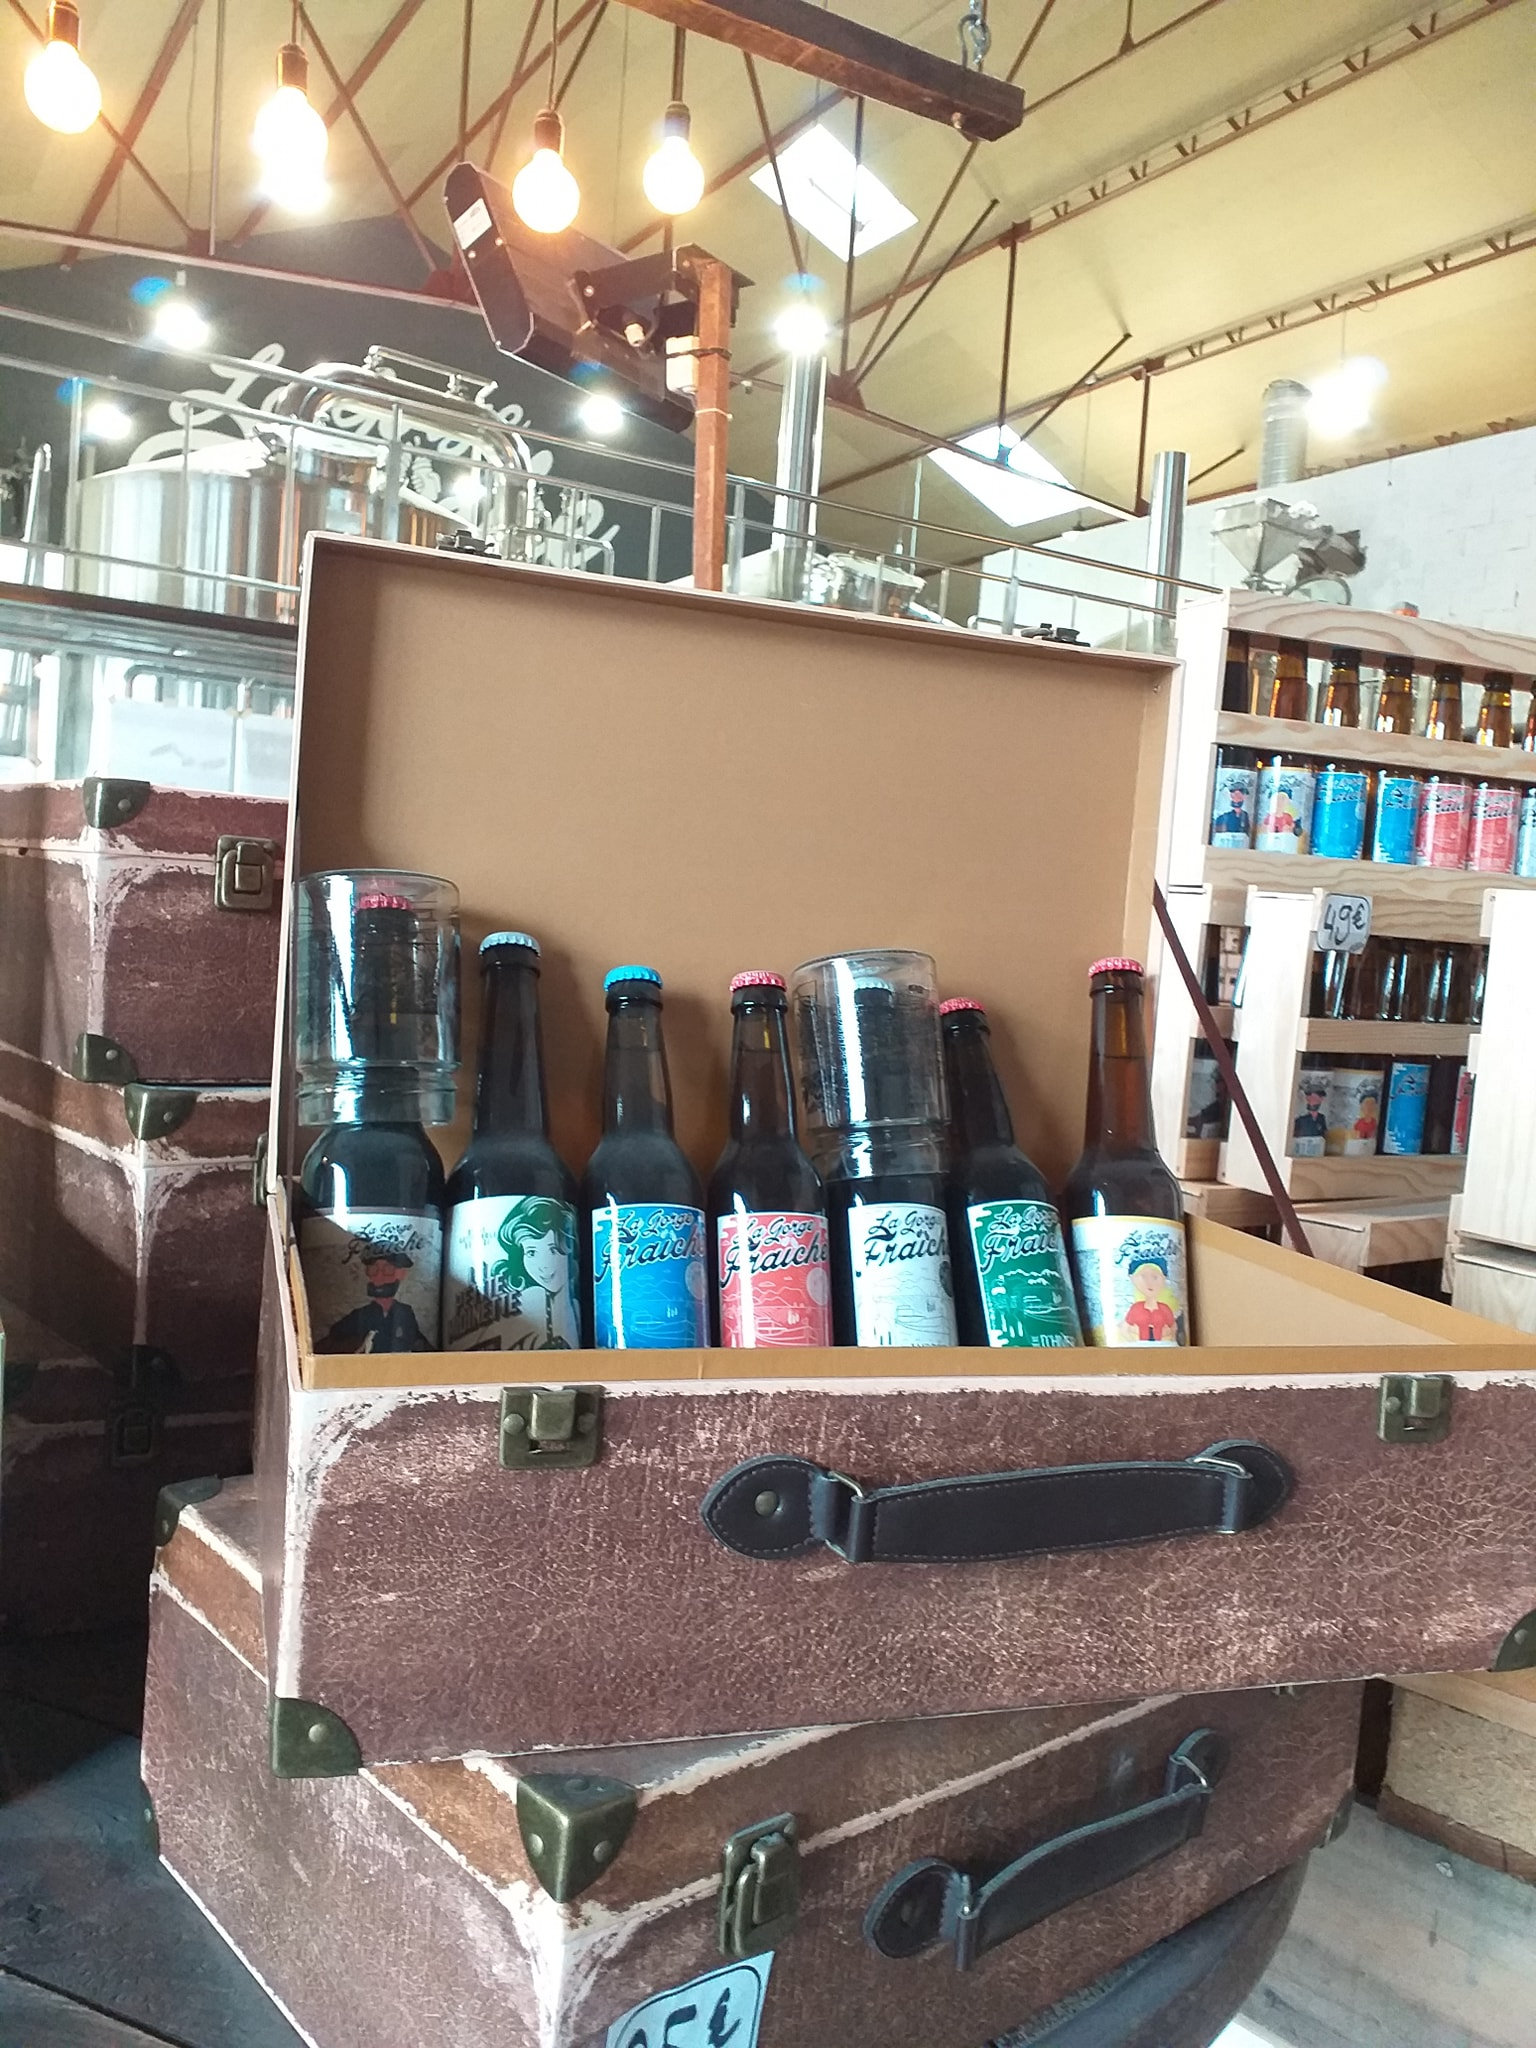 Béziers, 7 bouteilles de bières de la brasserie artisanale La Gorge Fraîche